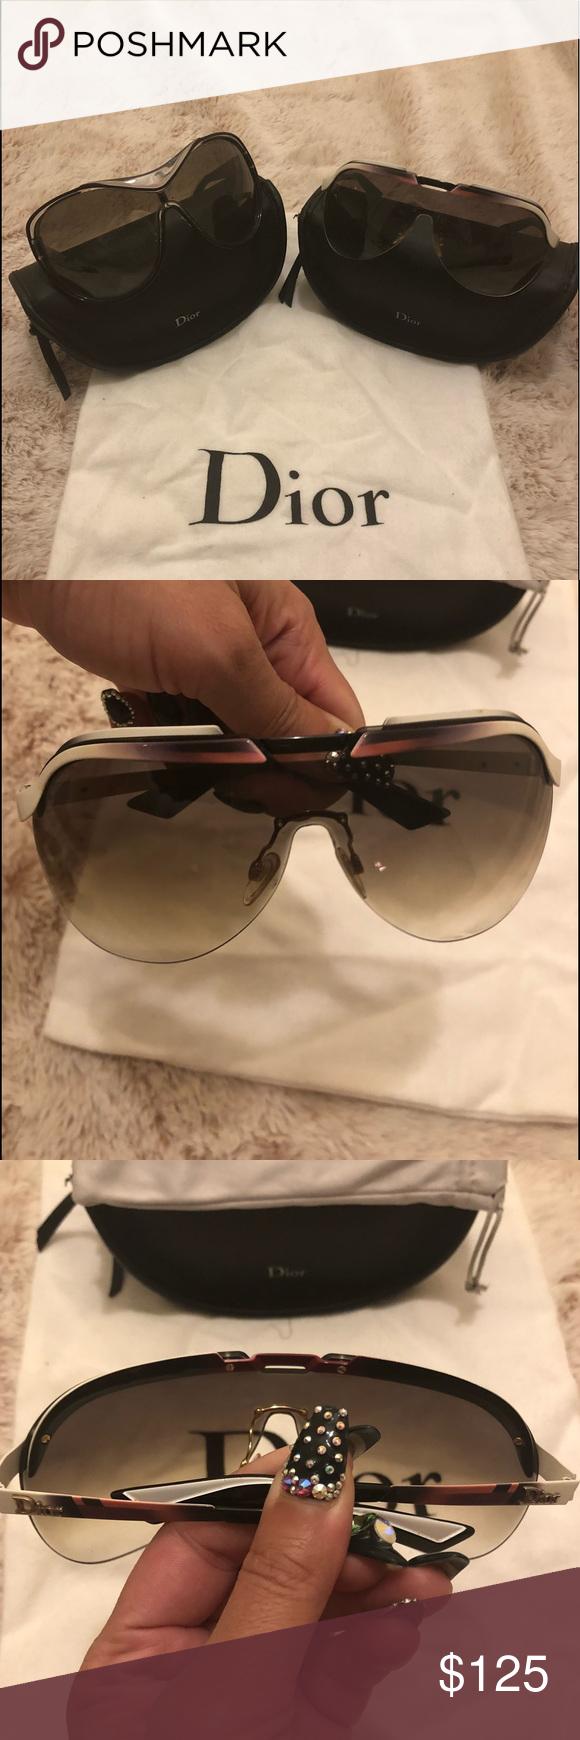 0a7d301e2f Christian Dior Solar Shield Sunglasses Diorsolar Christian Dior Solar  Burgundy White Gradient Metal Shield Sunglasses Diorsolar